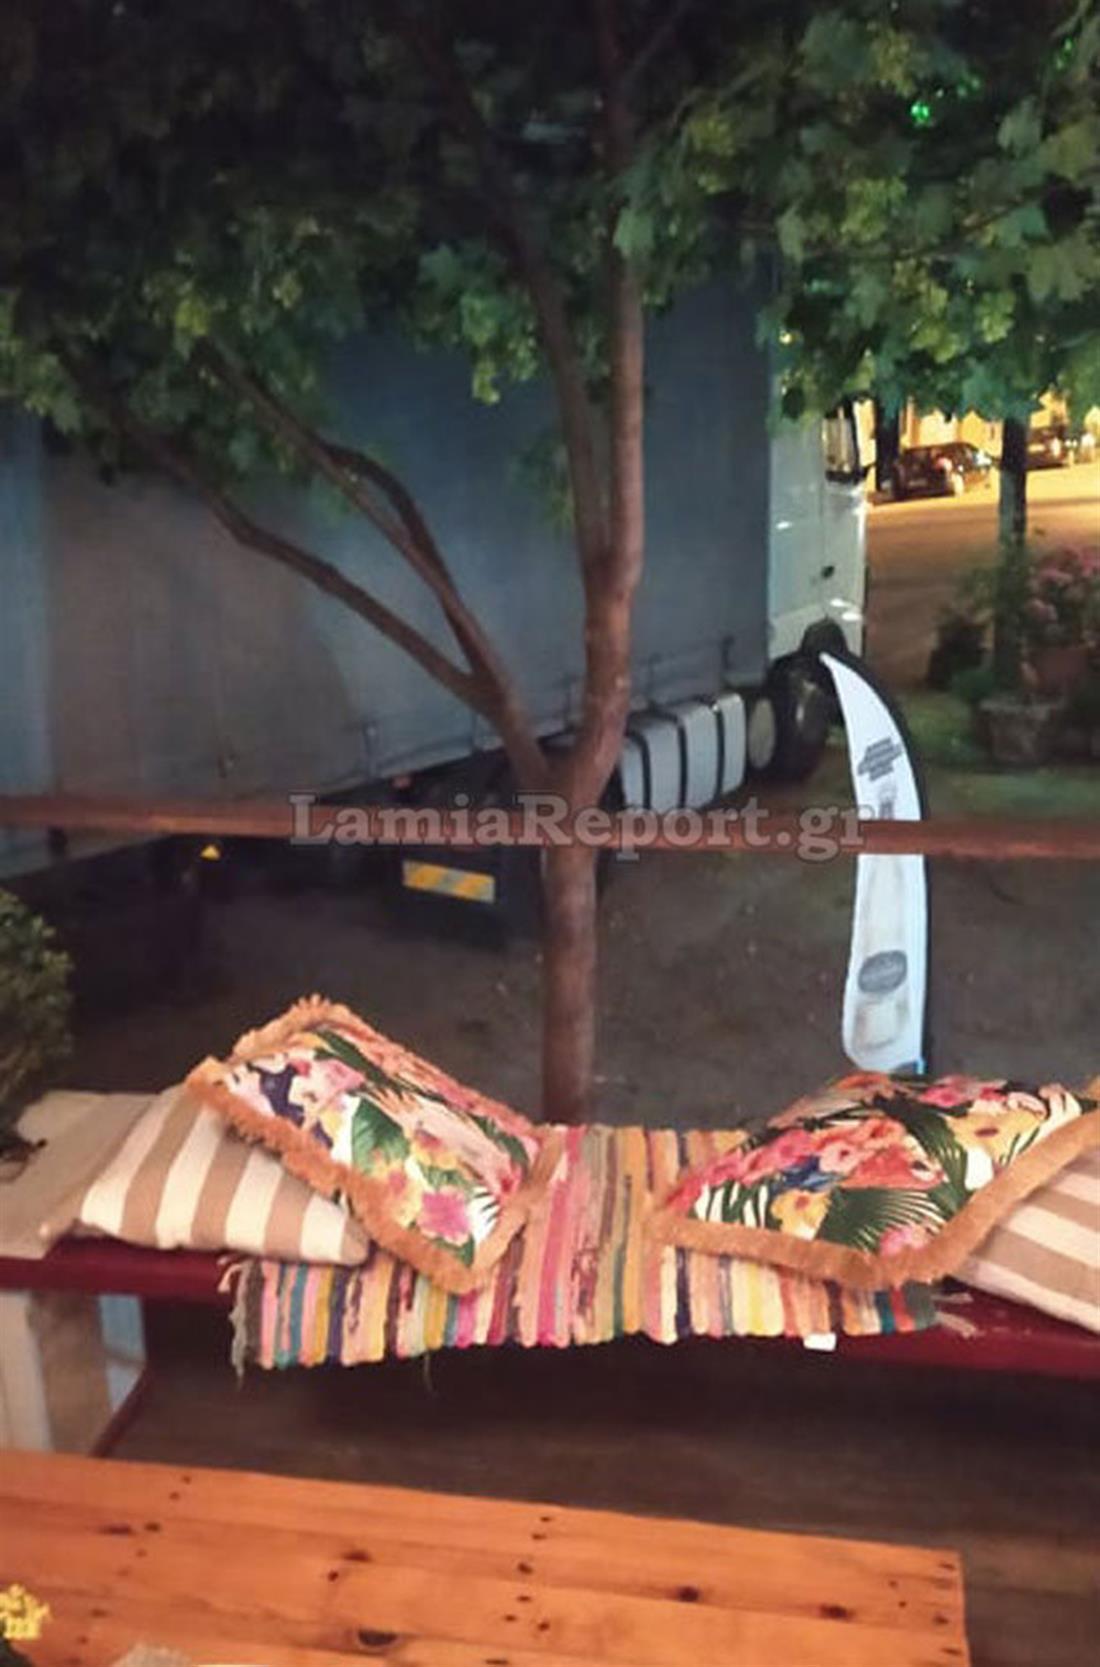 Νταλίκα - δέντρο - πλατεία Αμφίκλειας - Λαμία